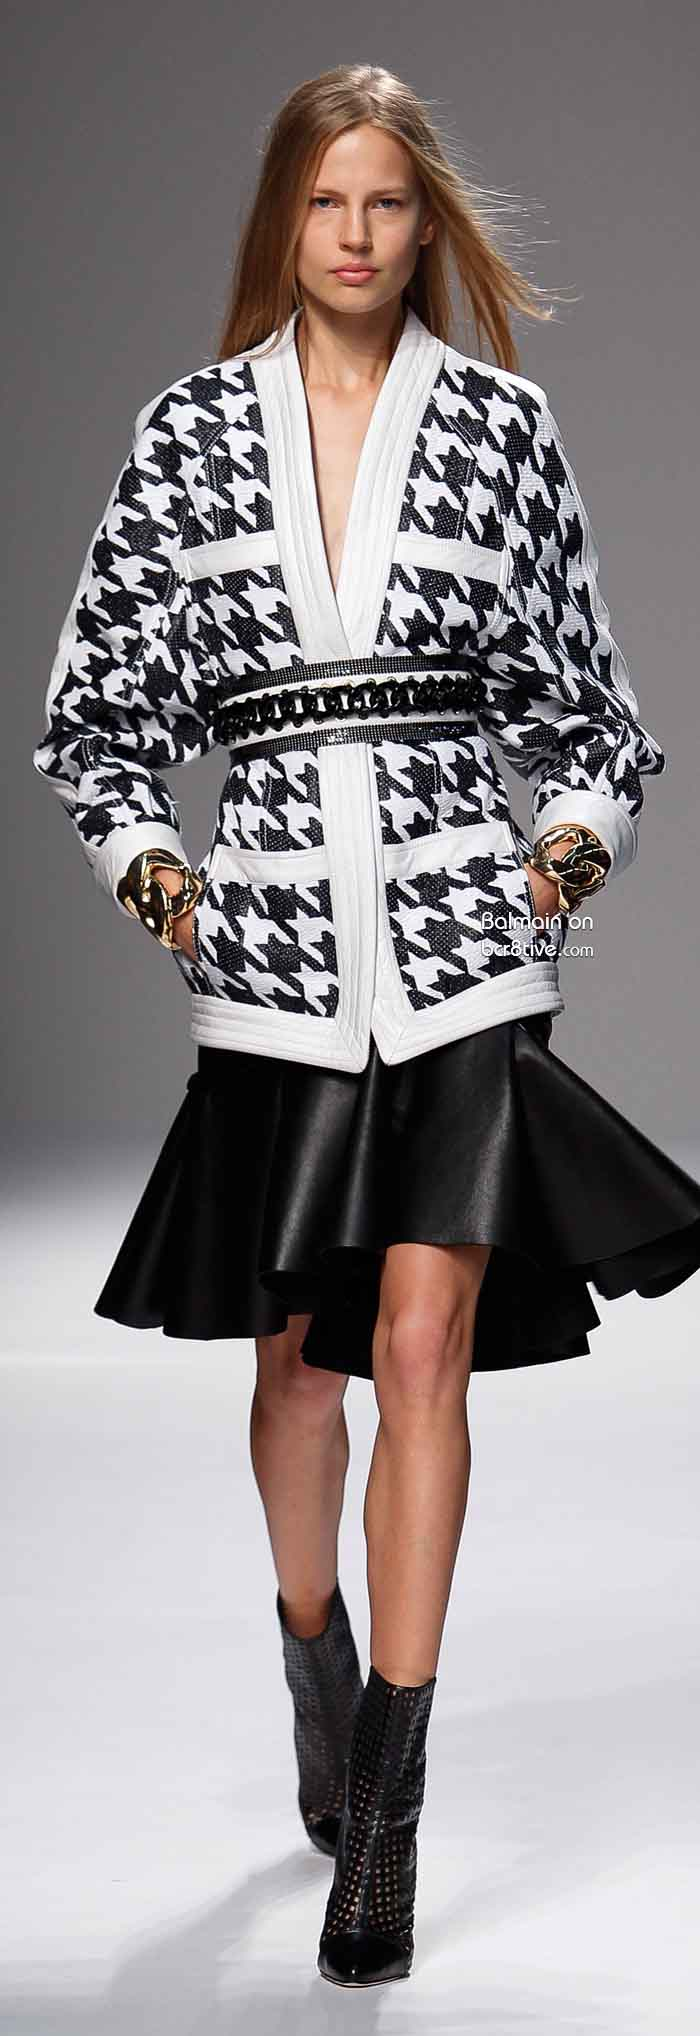 Balmain Spring 2014 Paris Fashion Week